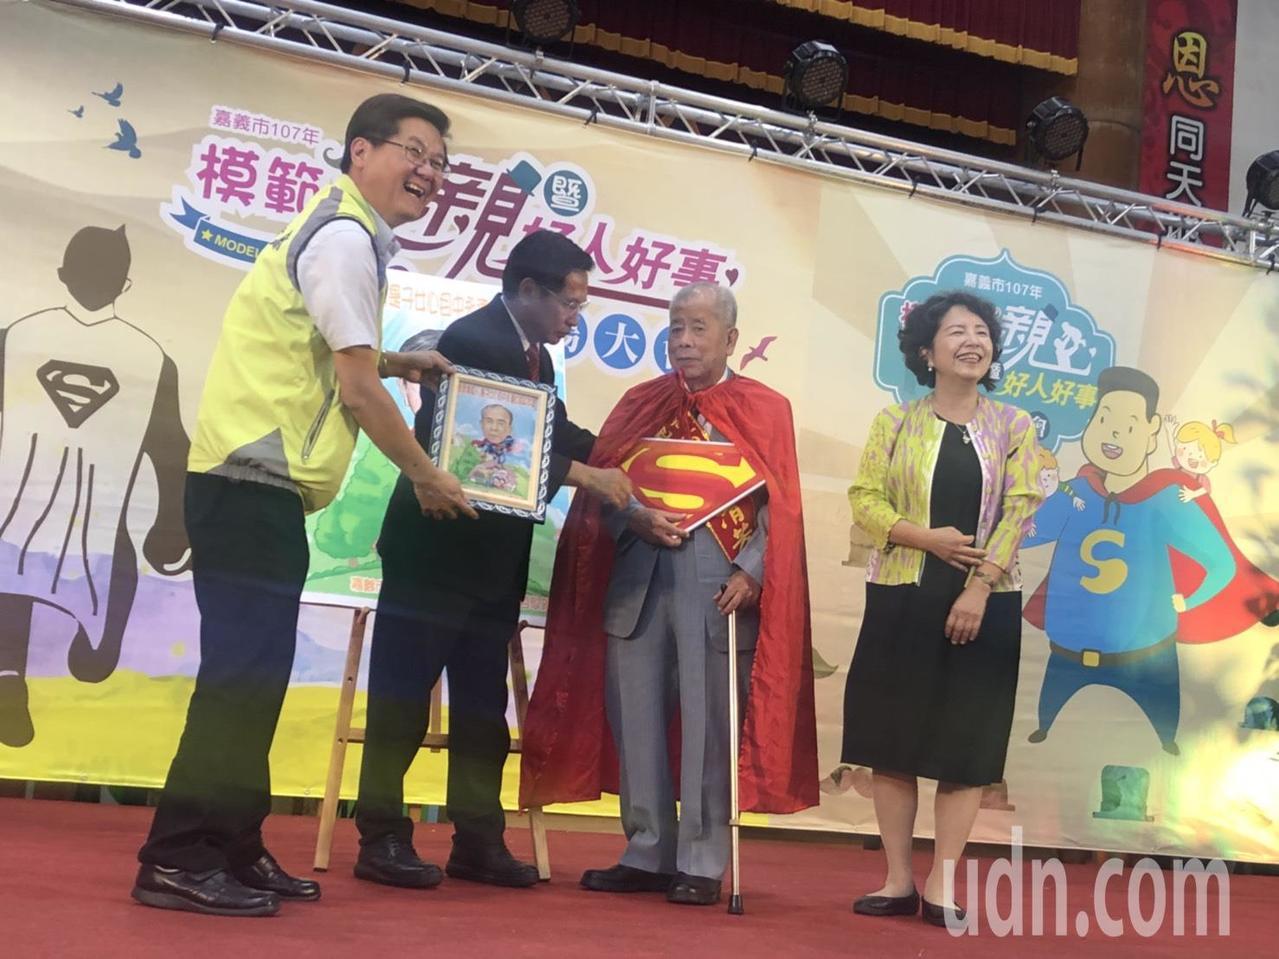 嘉義市長涂醒哲為模範父親得主張清芳繫上超人披風,象徵父親就像超人般守護家庭。記者...